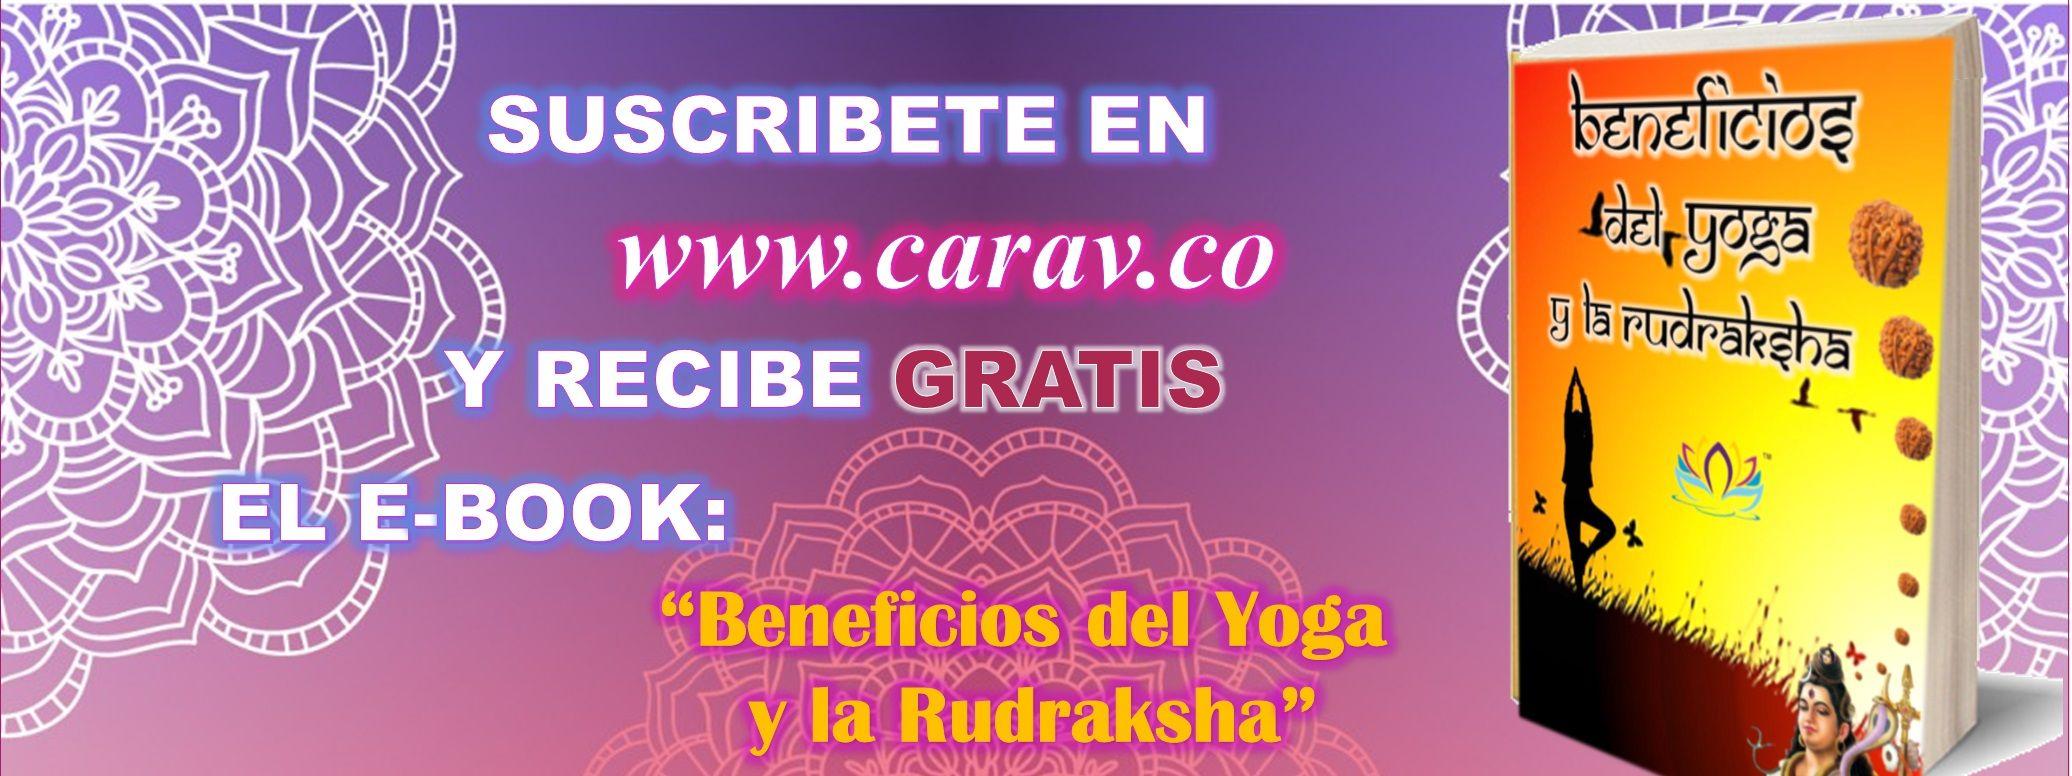 Sabes Qué es #Yoga? Te invito a que conozcas qué es y cuáles son sus beneficios!!! Ingresa a nuestra página web www.carav.co y registrate!  #Relax #tranquilidad #DiaFeliz #HappyDay #LifeStyle #EstiloDeVida #Felicidad